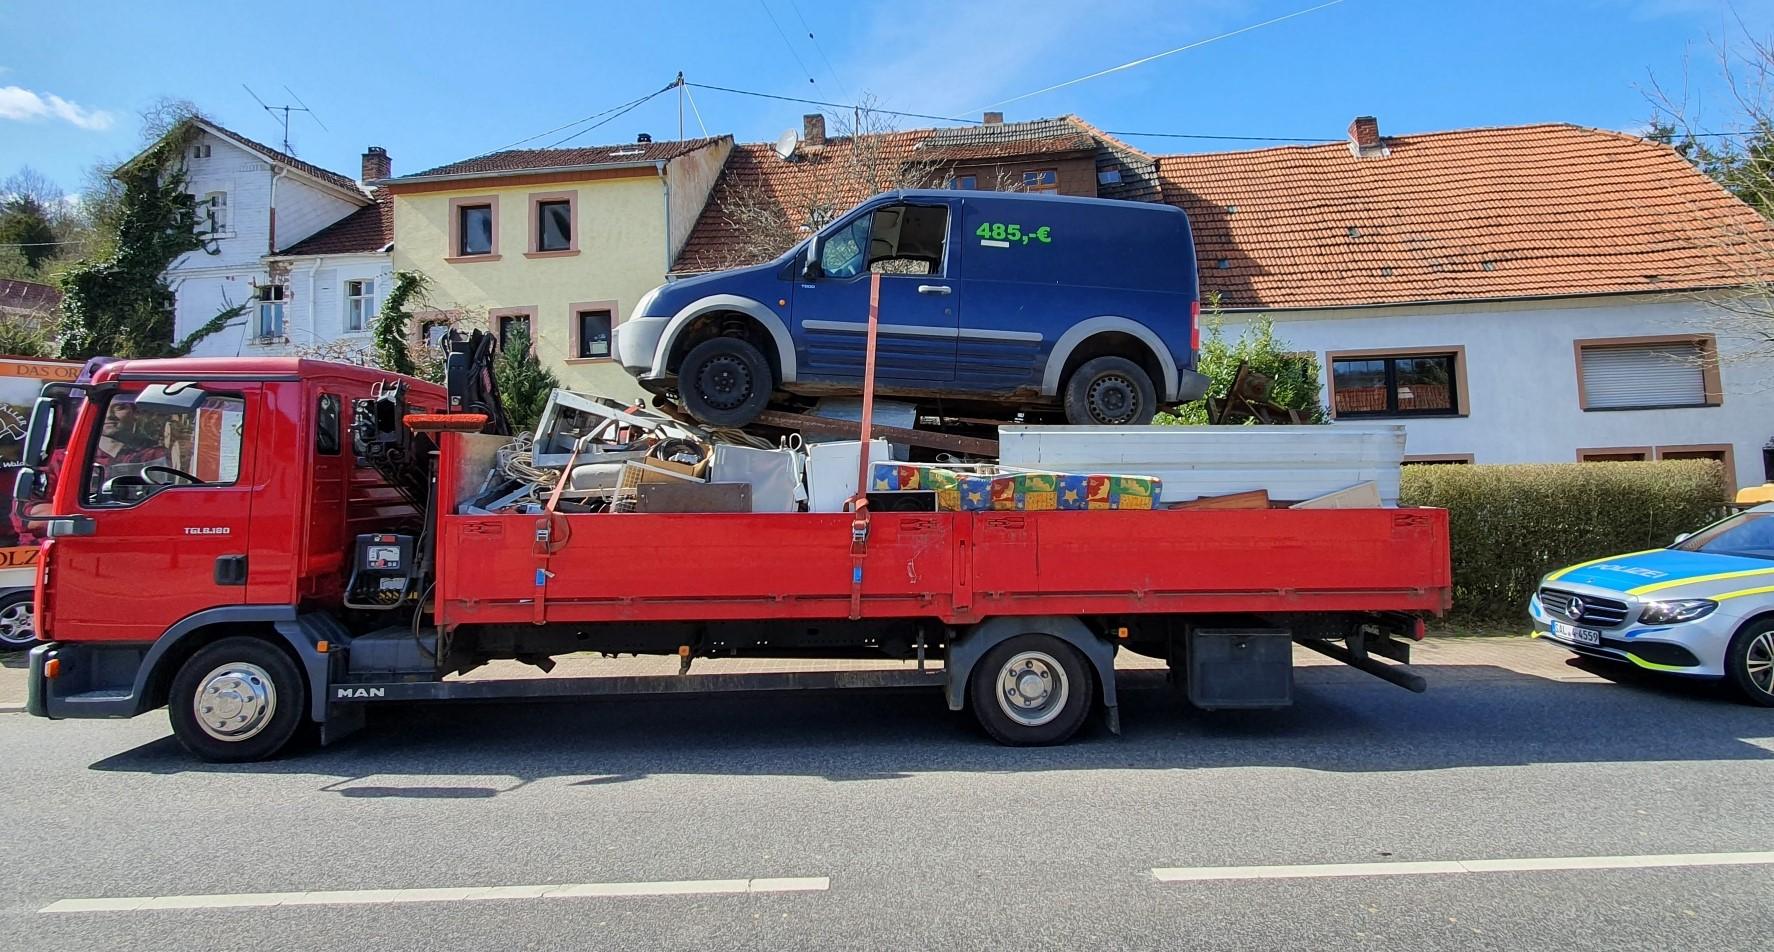 Spektakul-re-Ladungssicherung-Polizei-stoppt-LKW